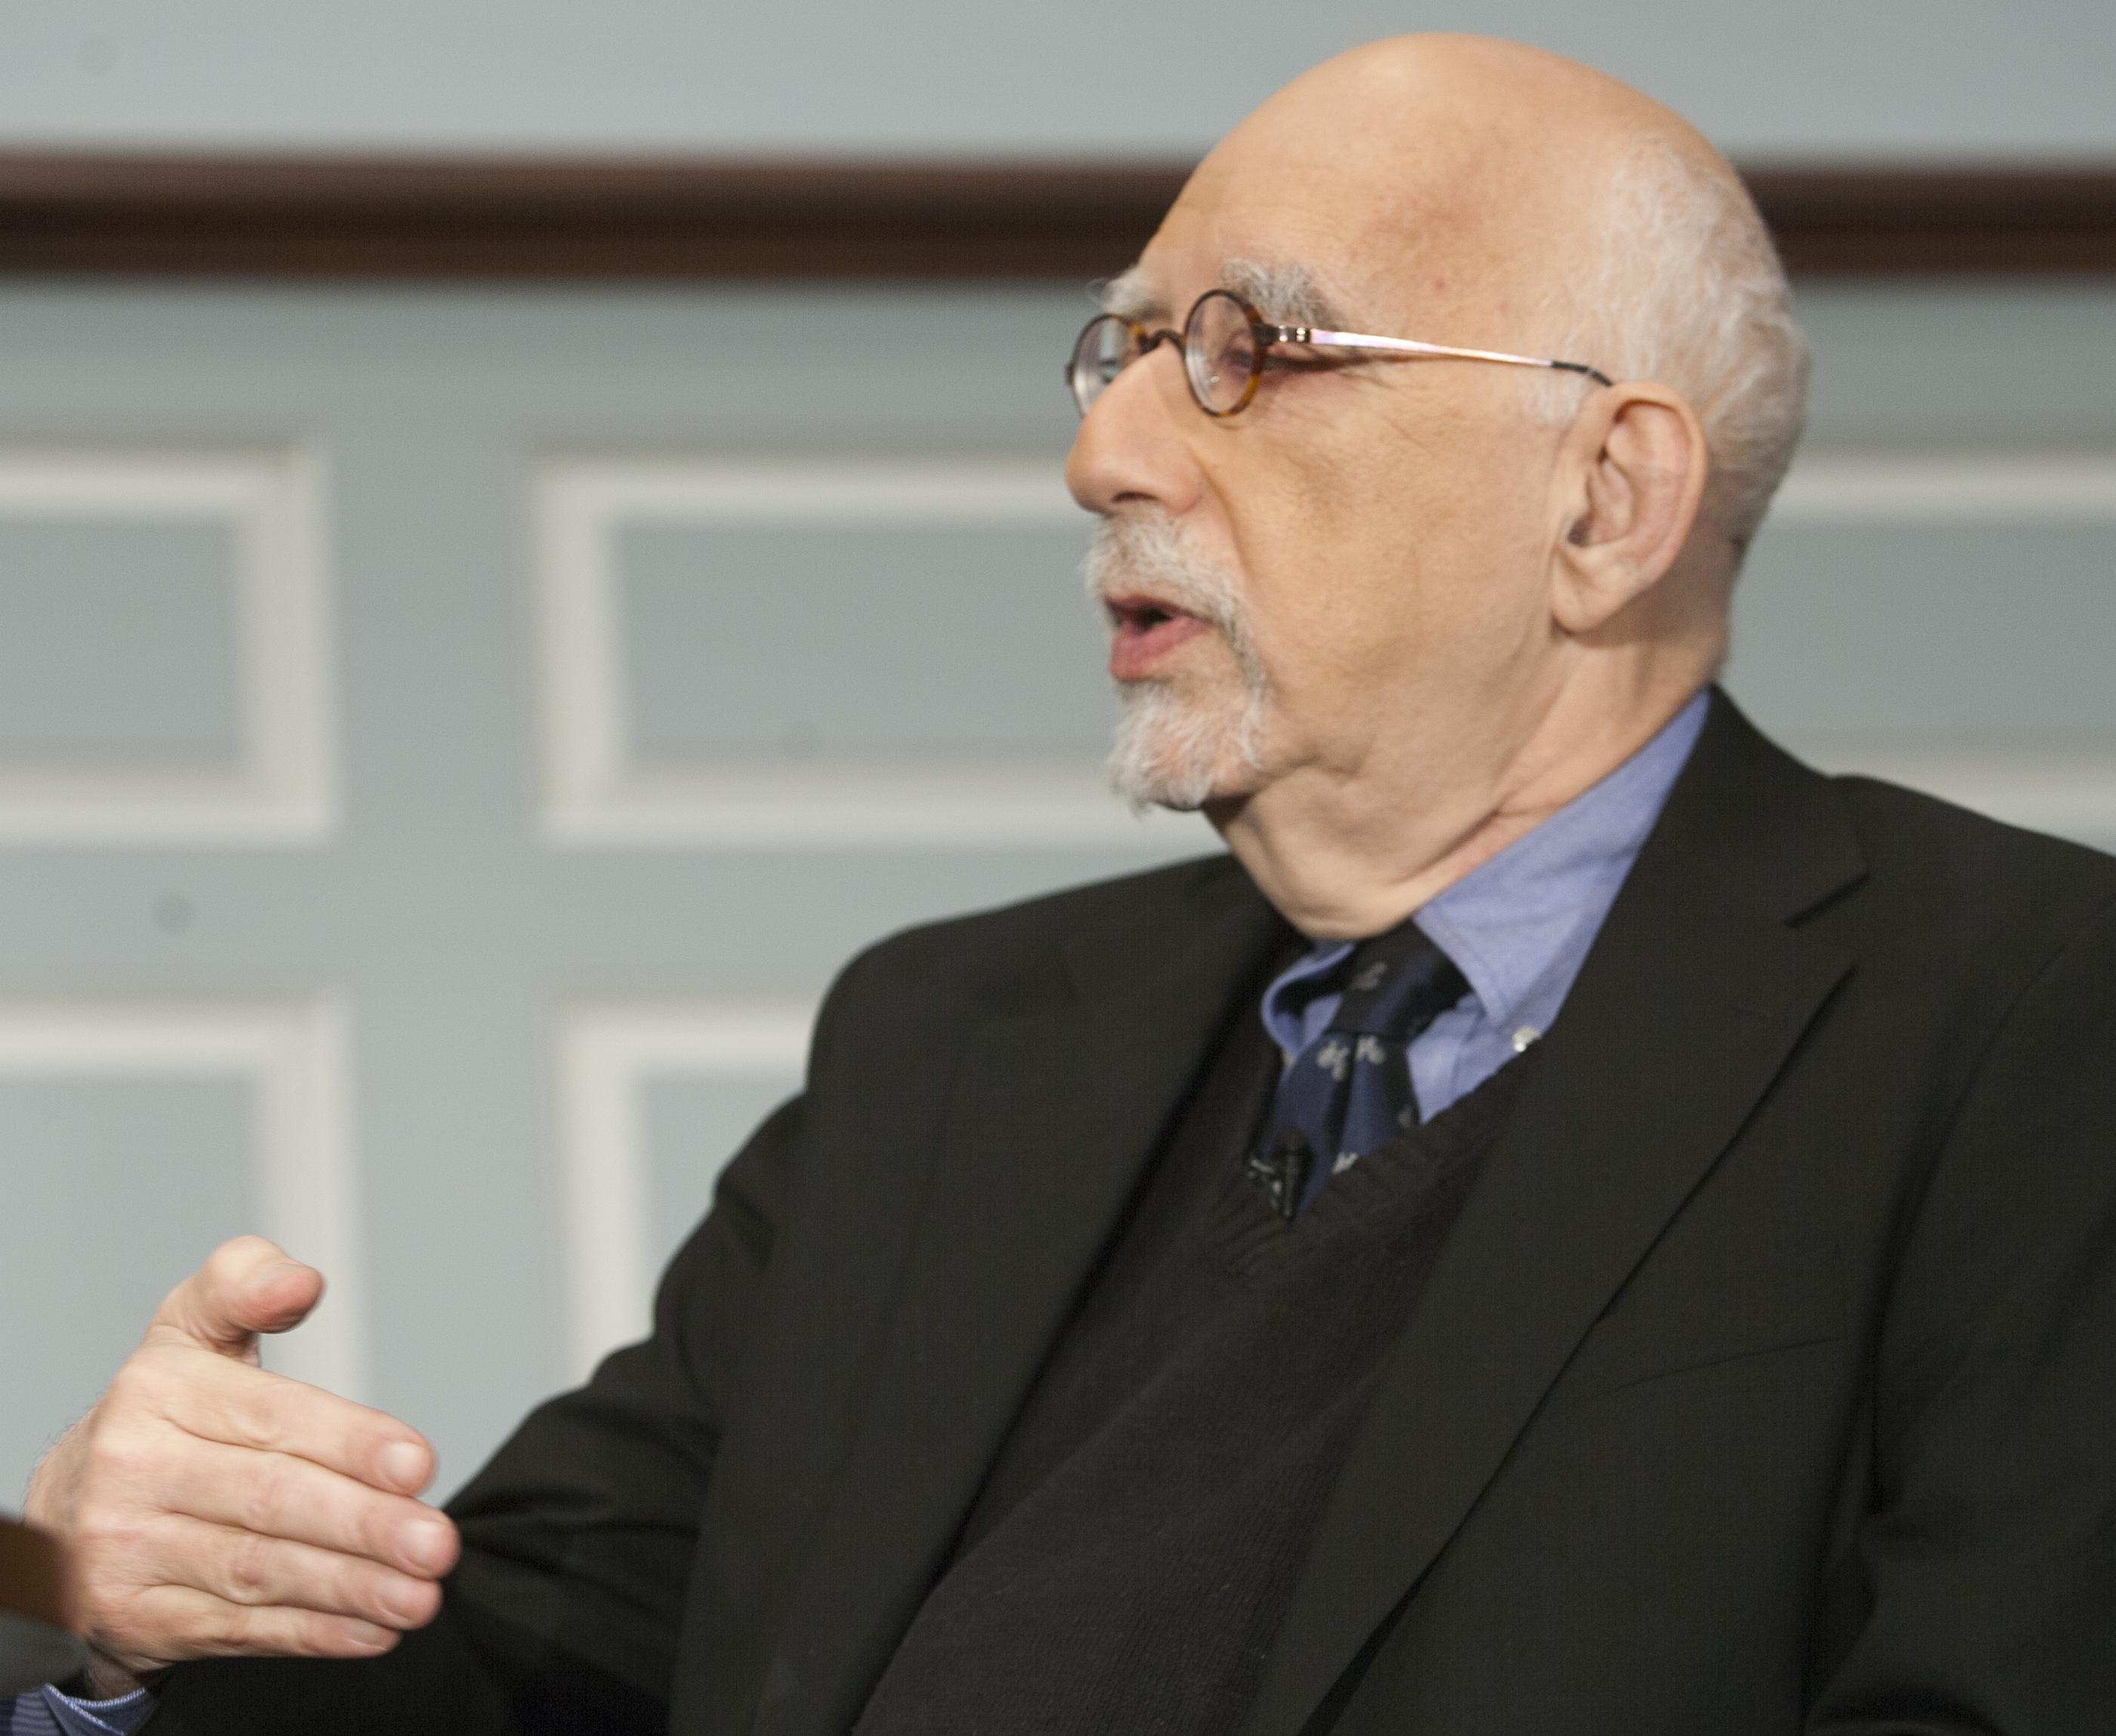 Ira Katznelson at Miller Center